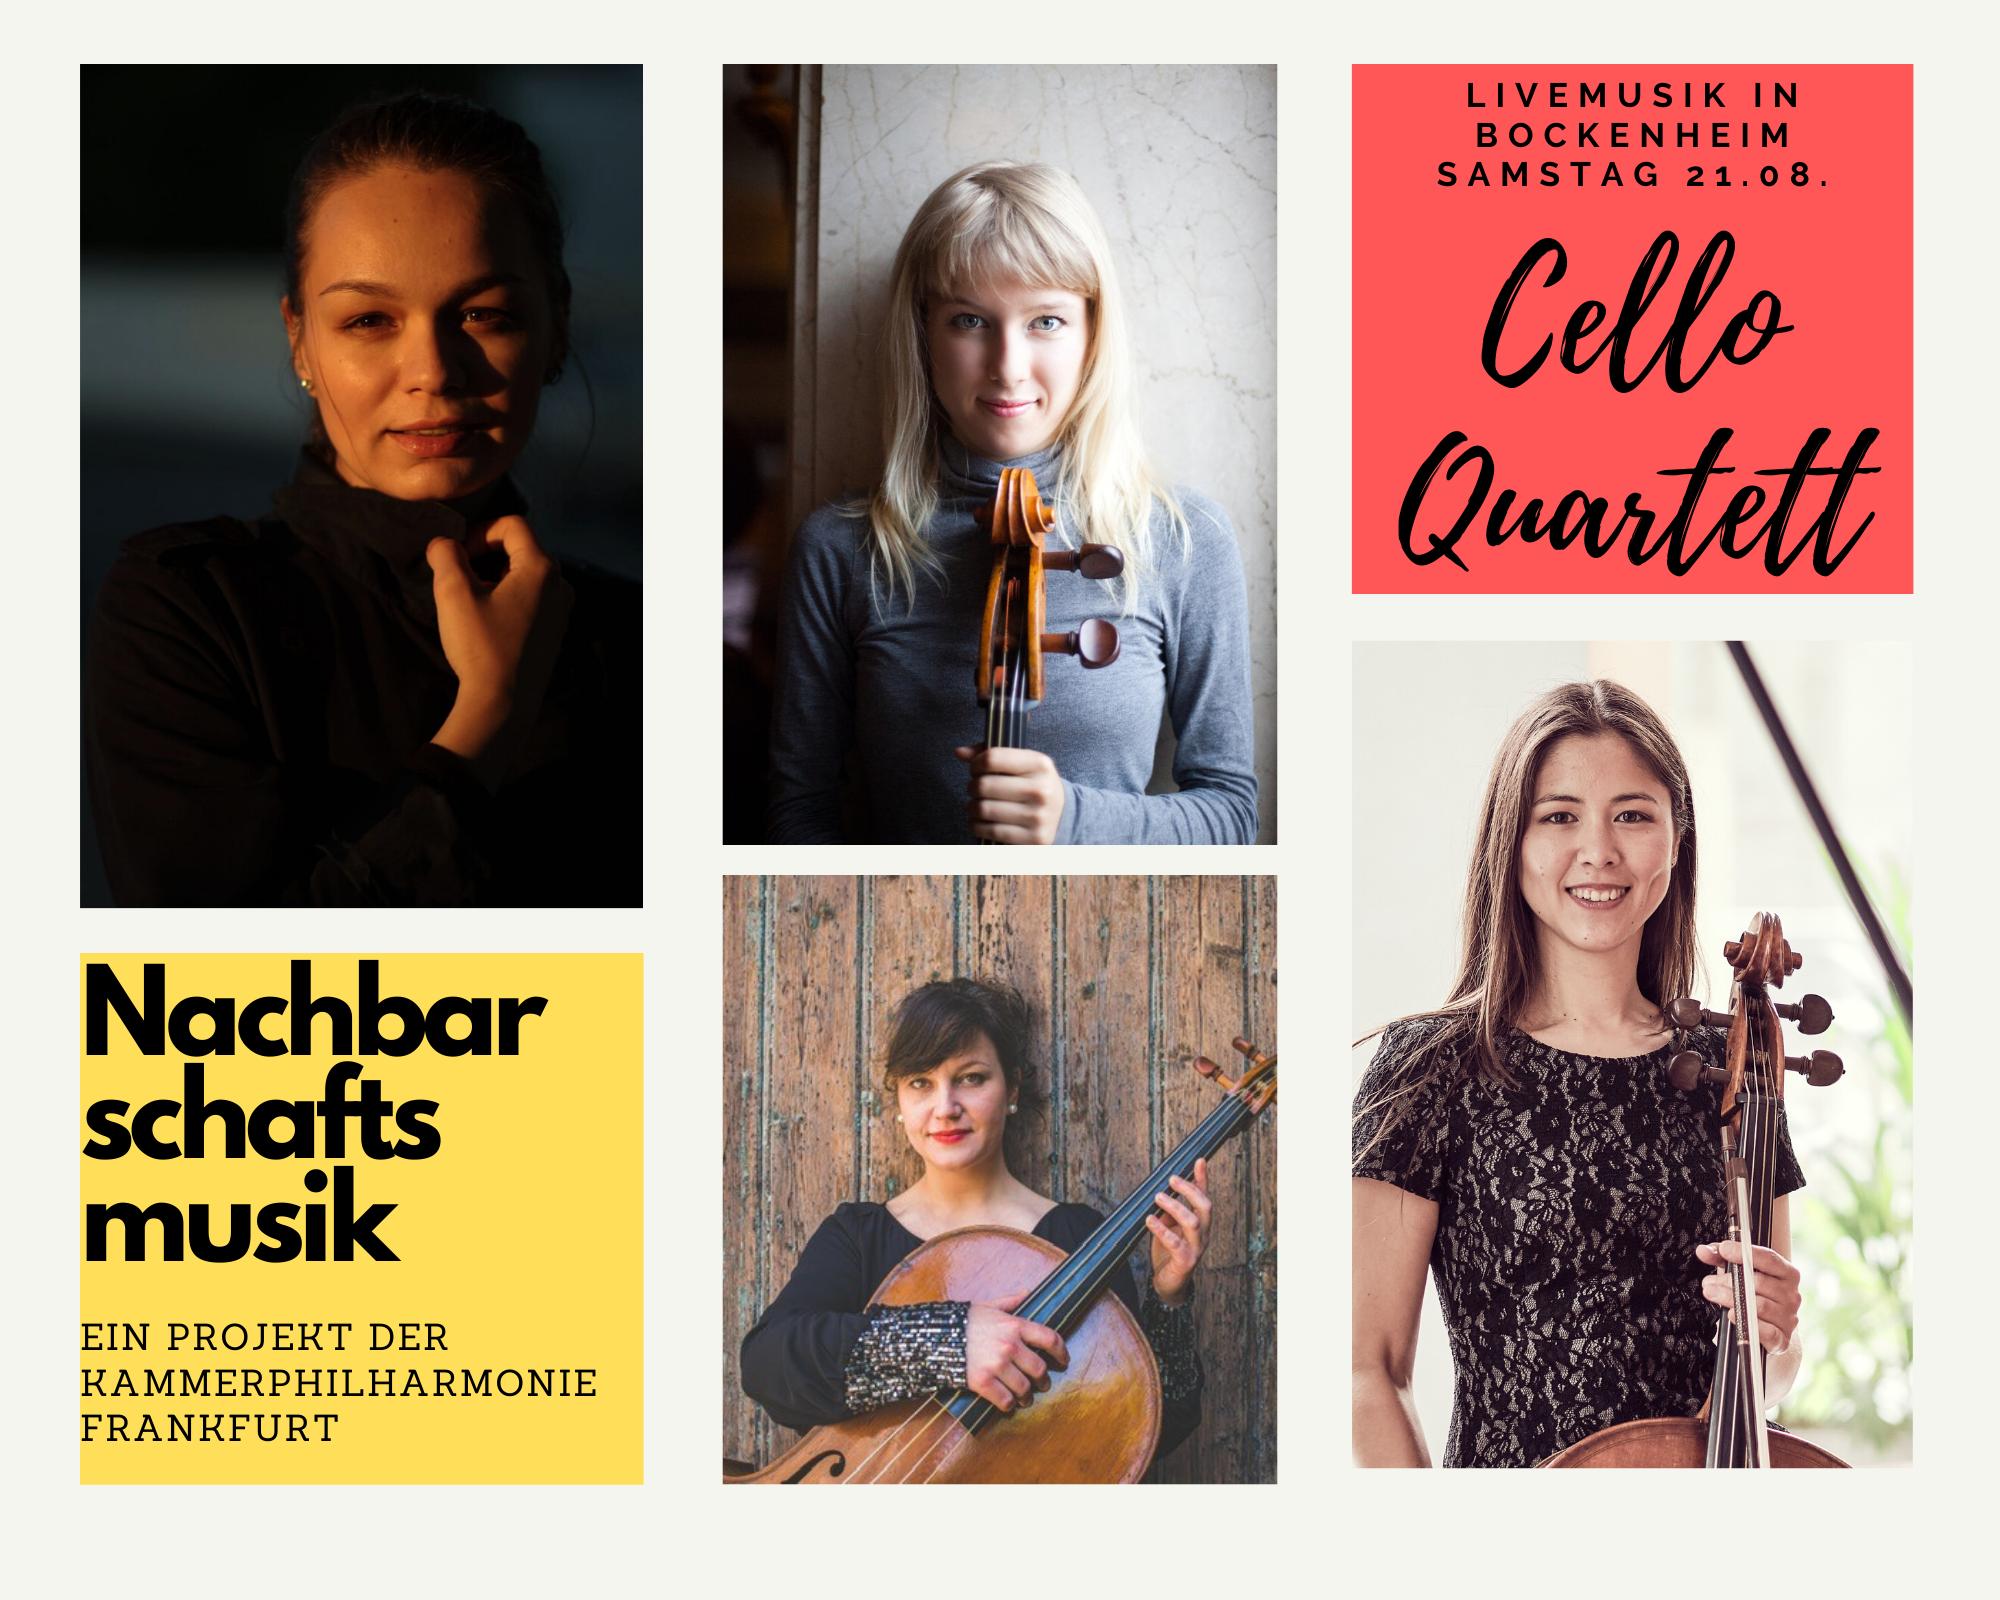 Celloquartett (1)